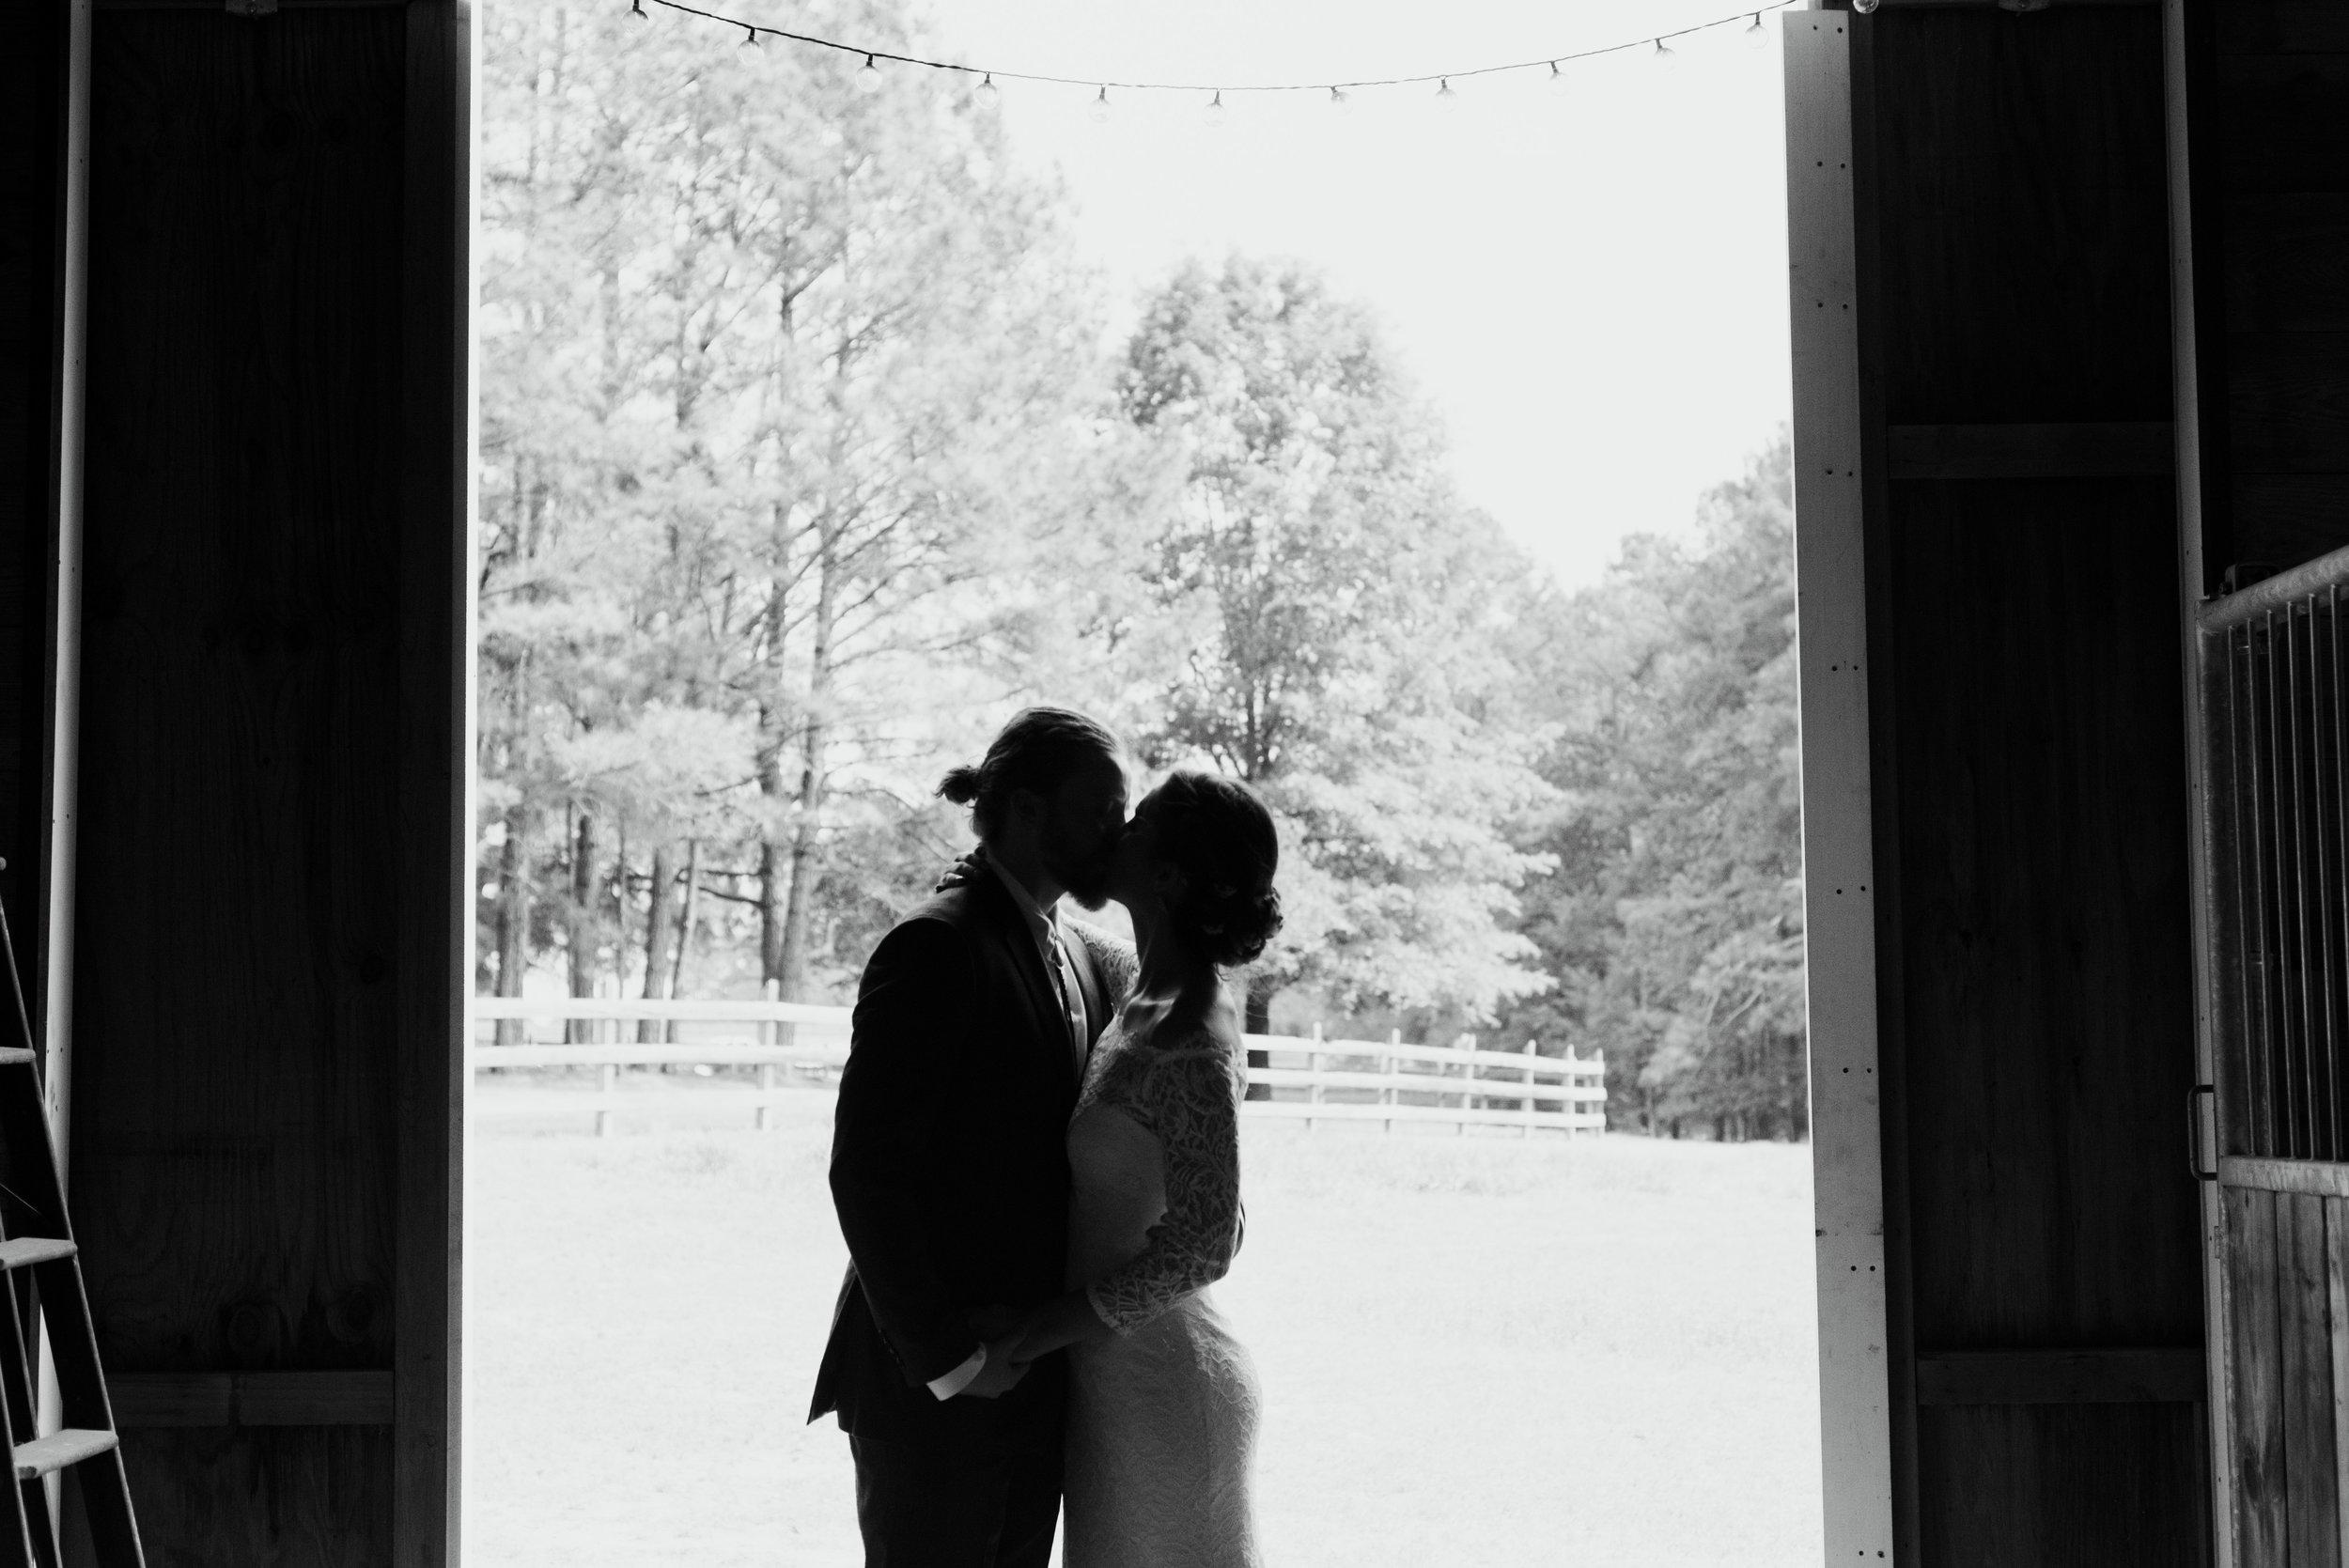 raleigh-elopement-photographer-raleigh-durham-wedding-maddie-and-devin- (21 of 162).jpg